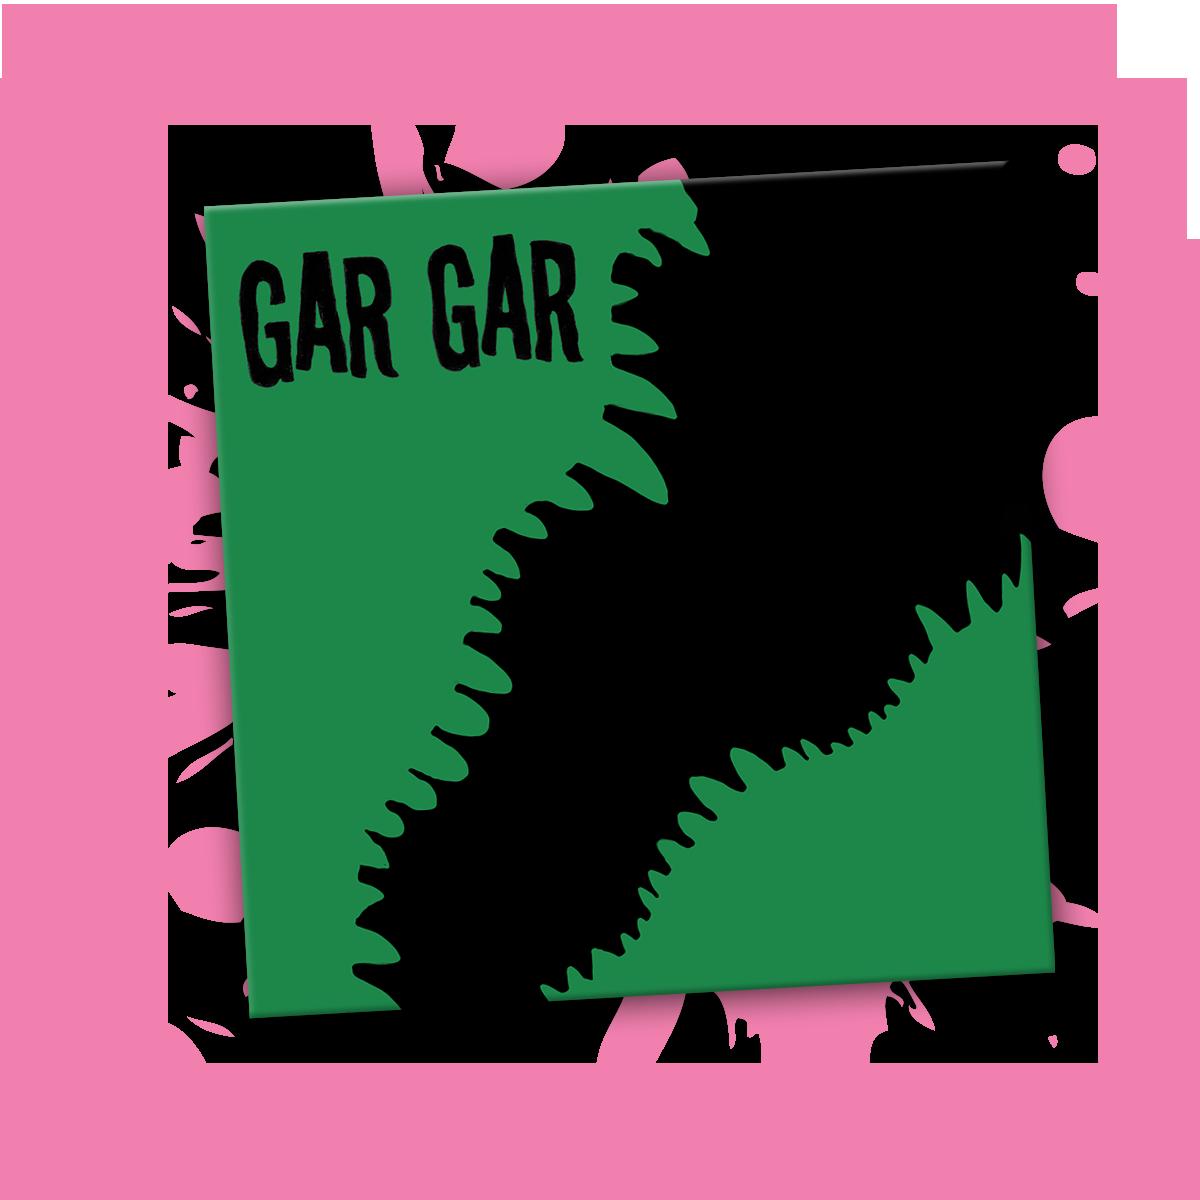 GAR GAR